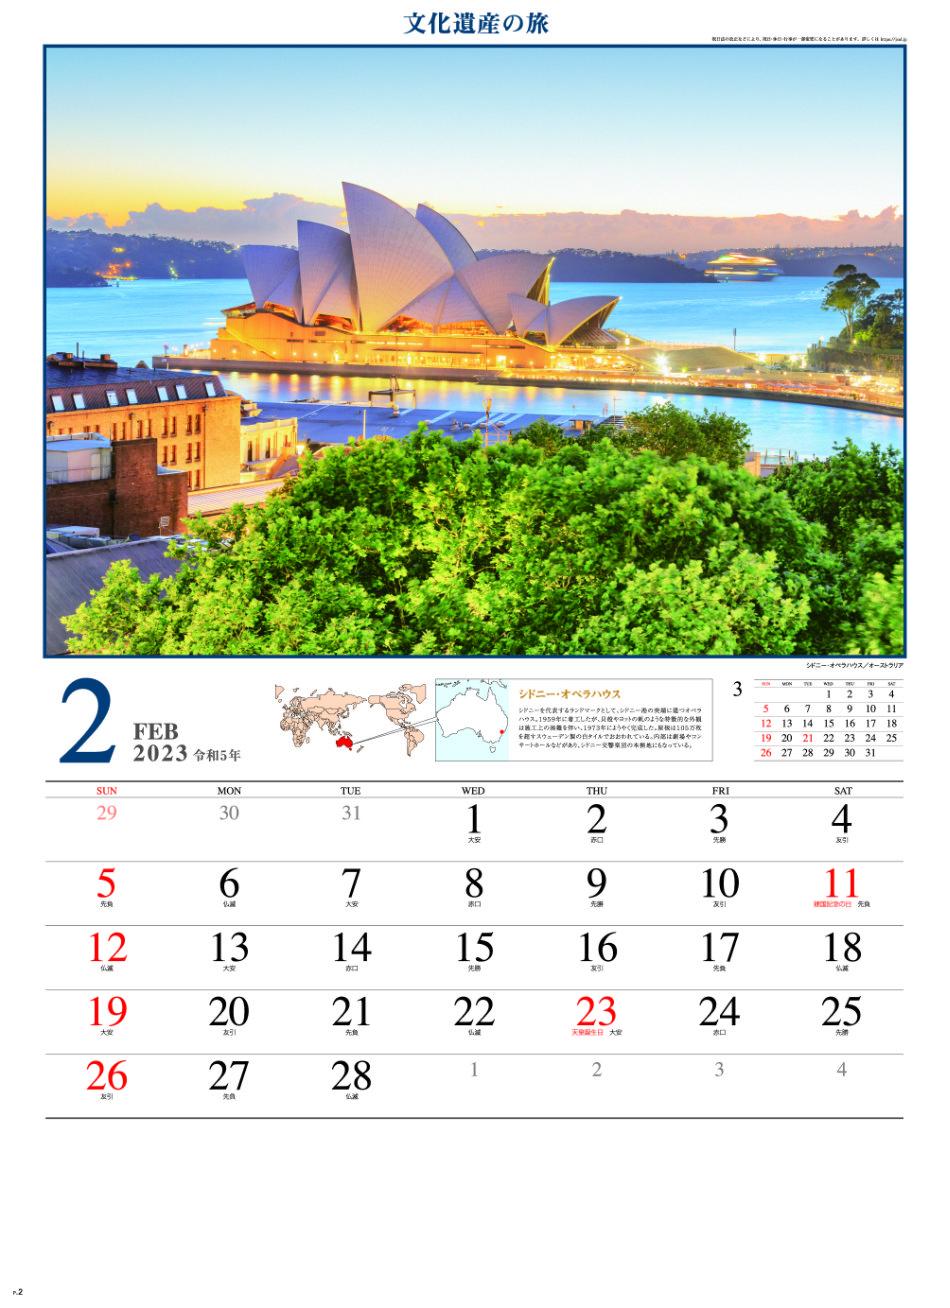 2月 ザルツブルク市街の歴史地区 オーストリア 文化遺産の旅(ユネスコ世界遺産) 2022年カレンダーの画像